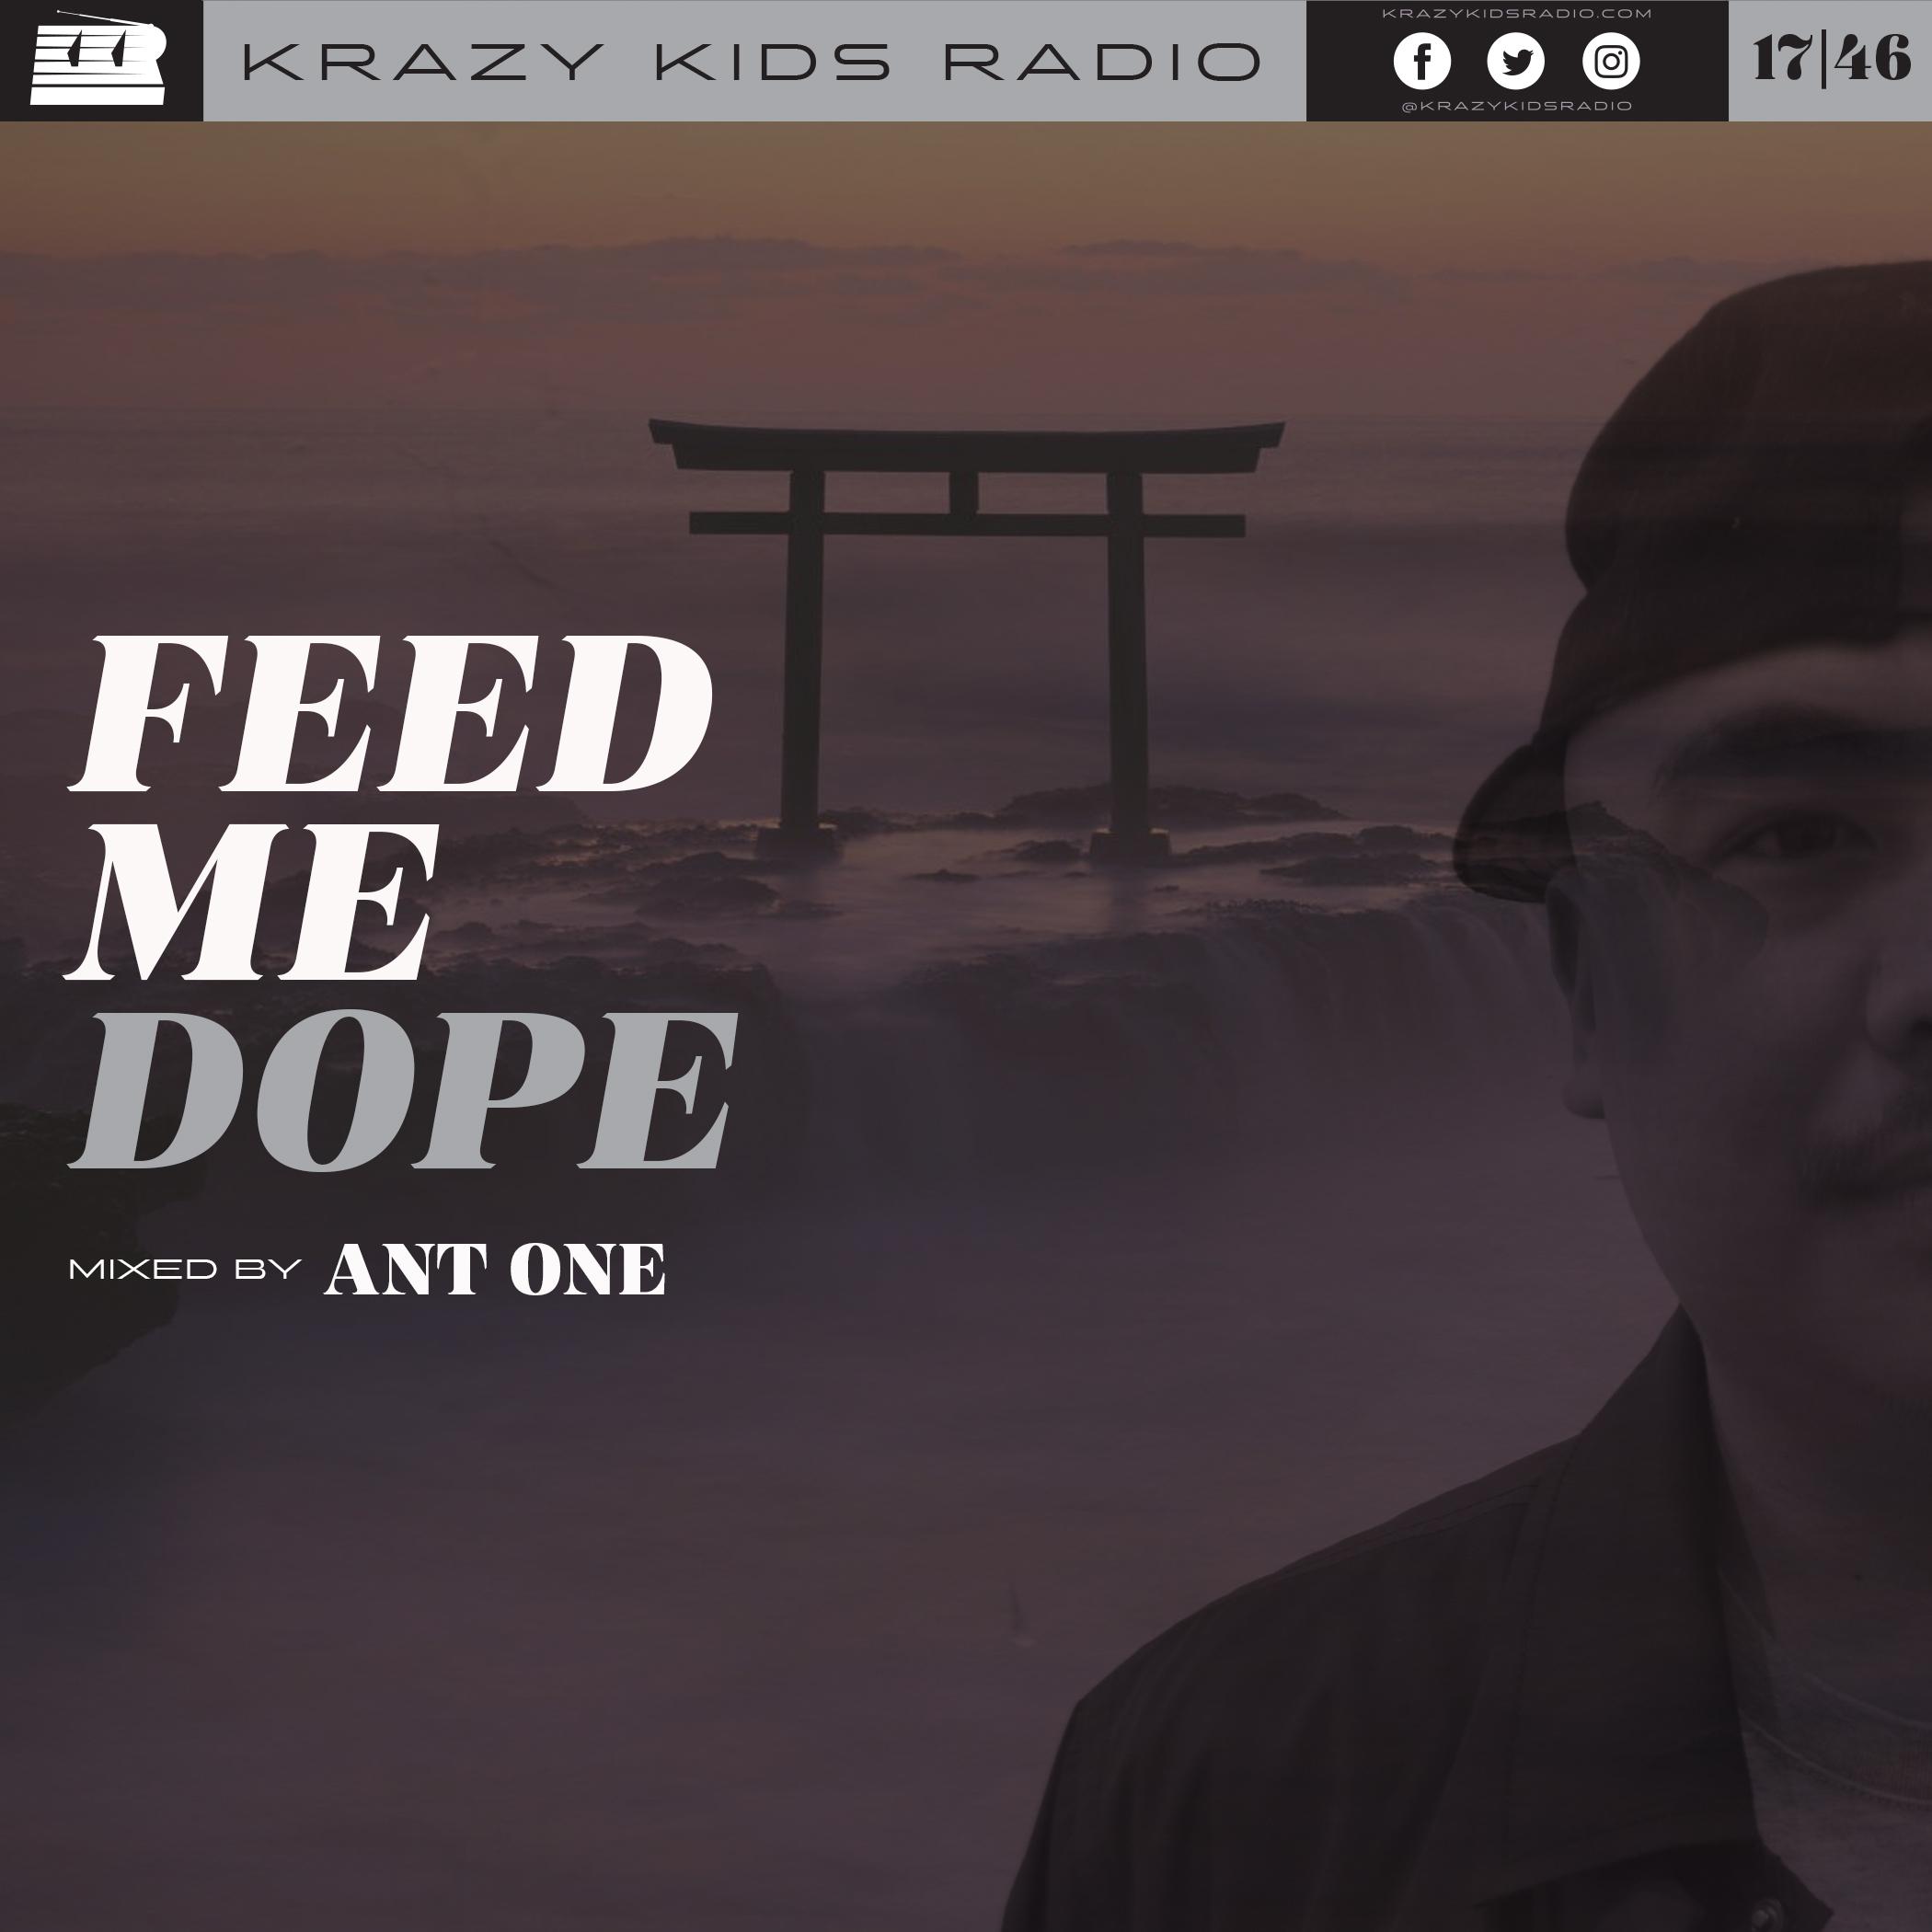 KKR_FEED-ME-DOPE.jpg